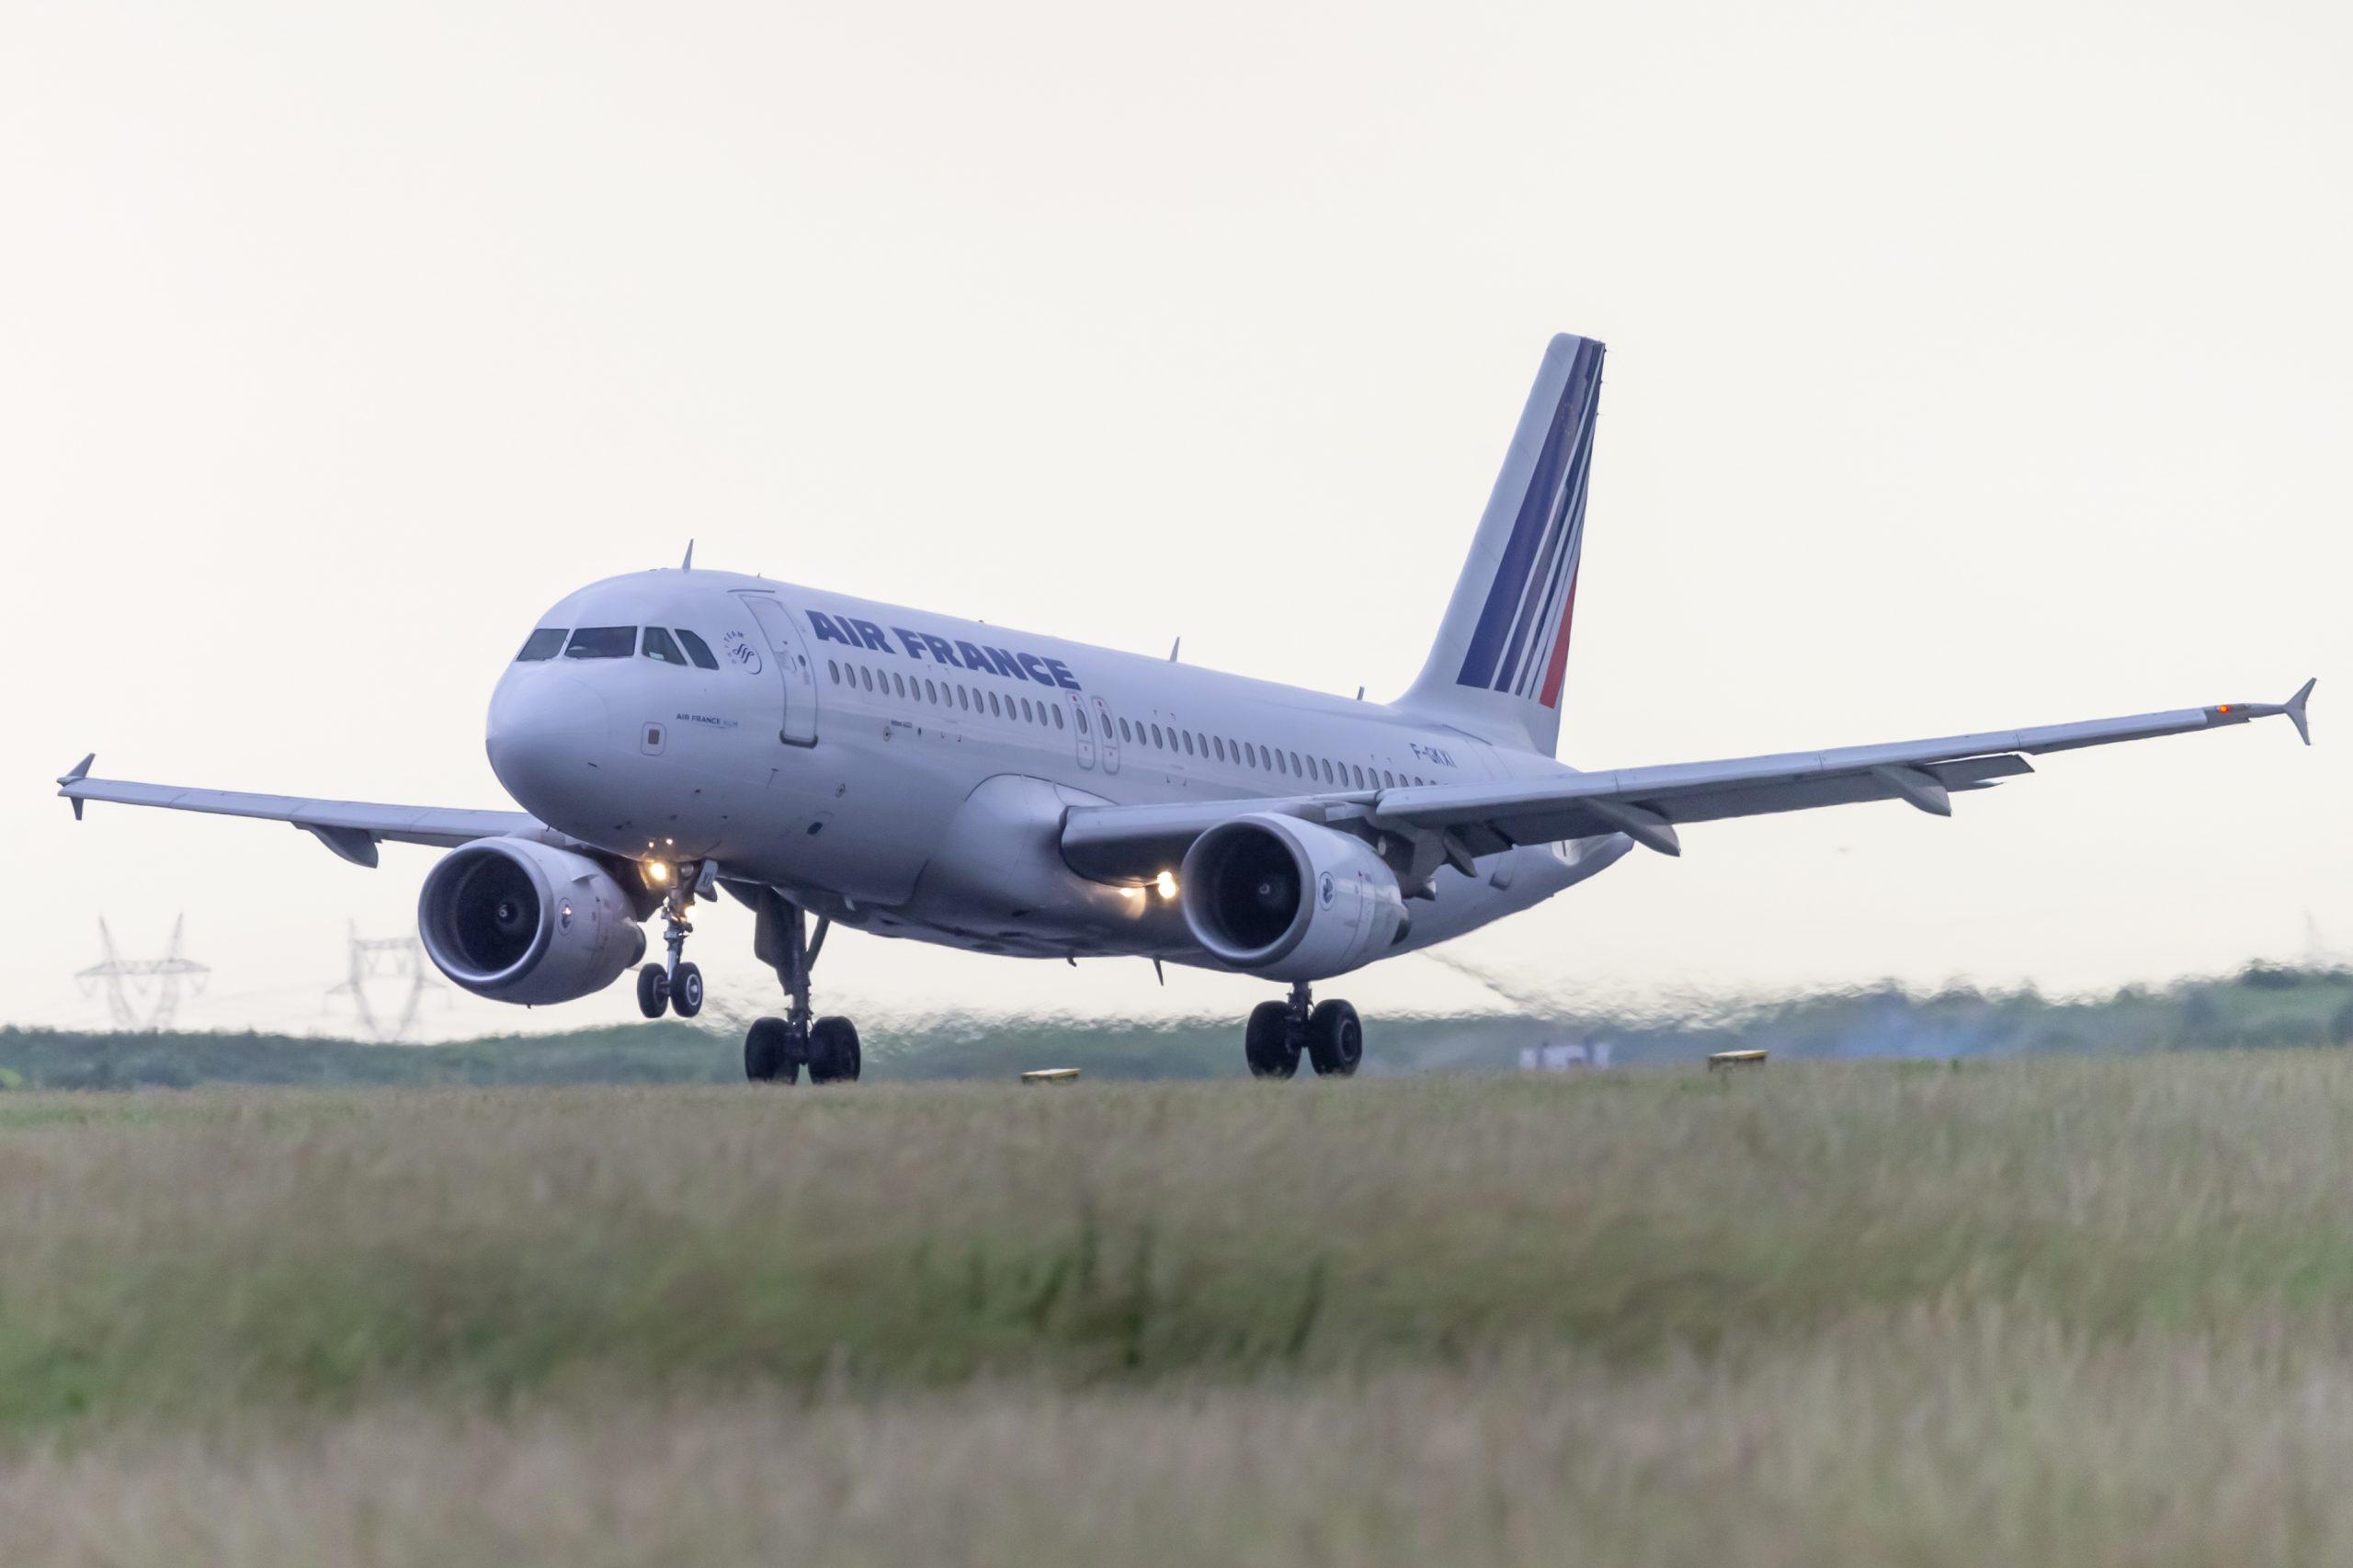 En Airbus A320-200 fra Air France. Foto: © Thorbjørn Brunander Sund, Danish Aviation Photo